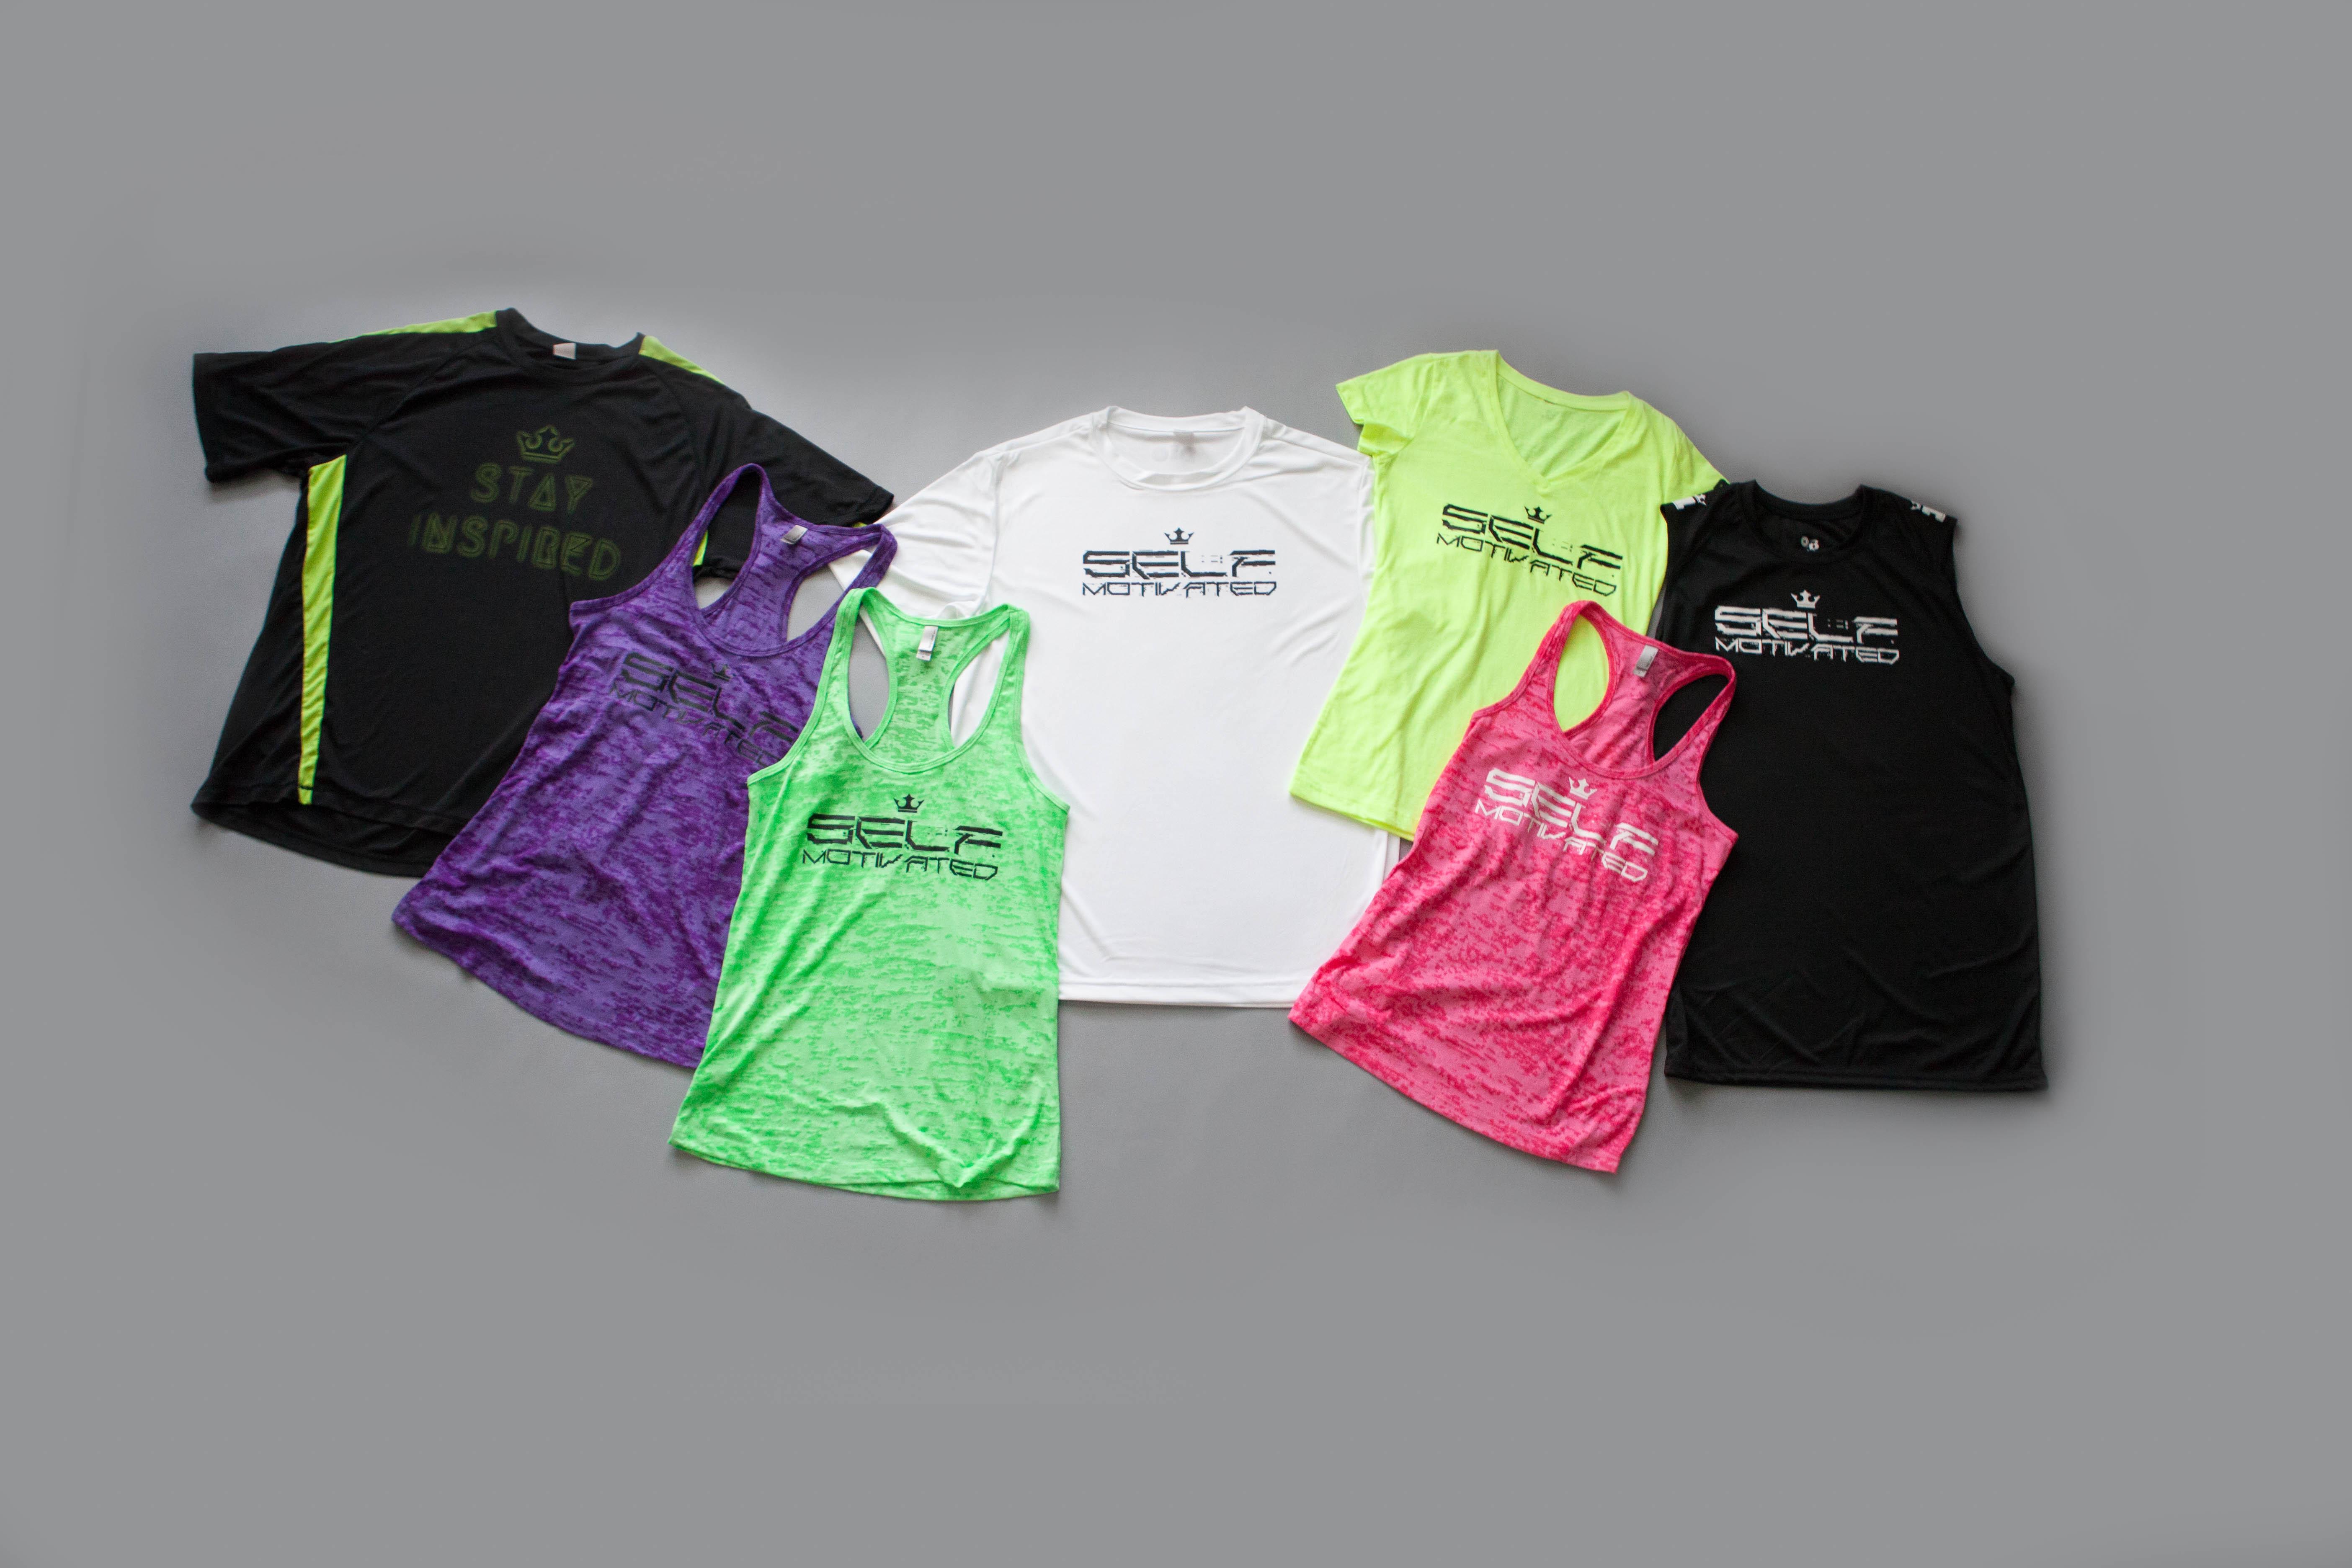 BiO motivational workout shirts